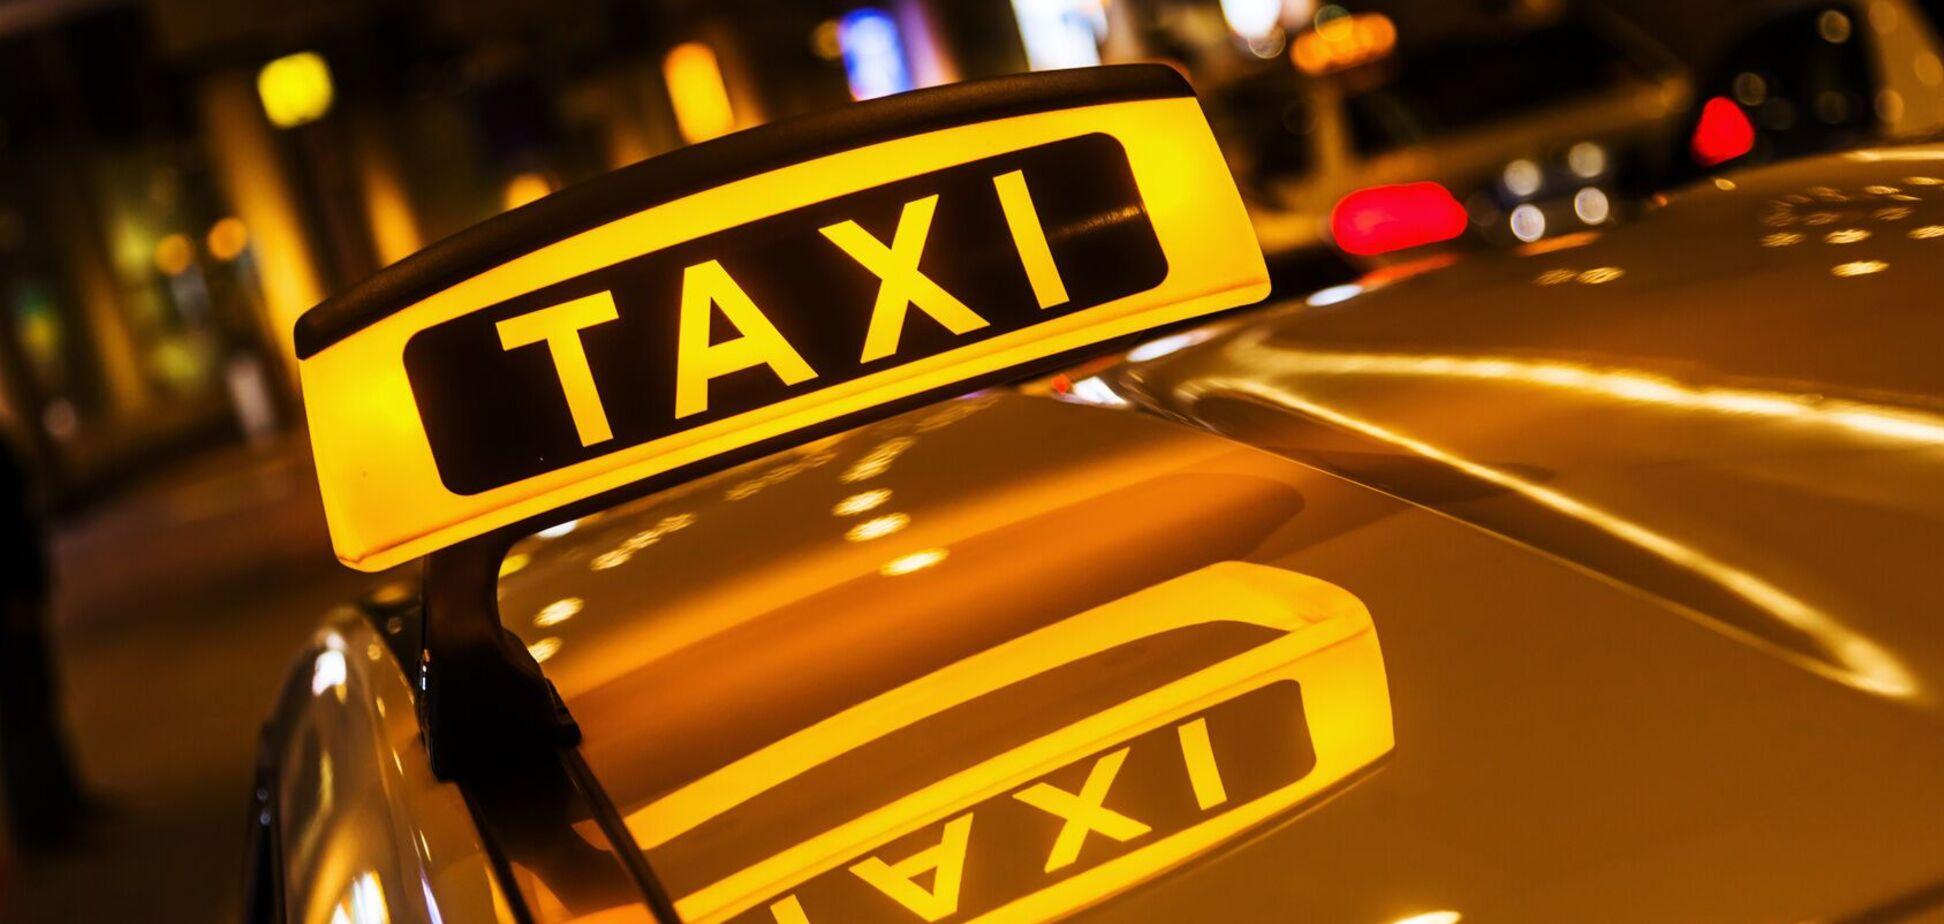 Uber, Uklon і Bolt пояснили, чому ціни на таксі злетіли в рази